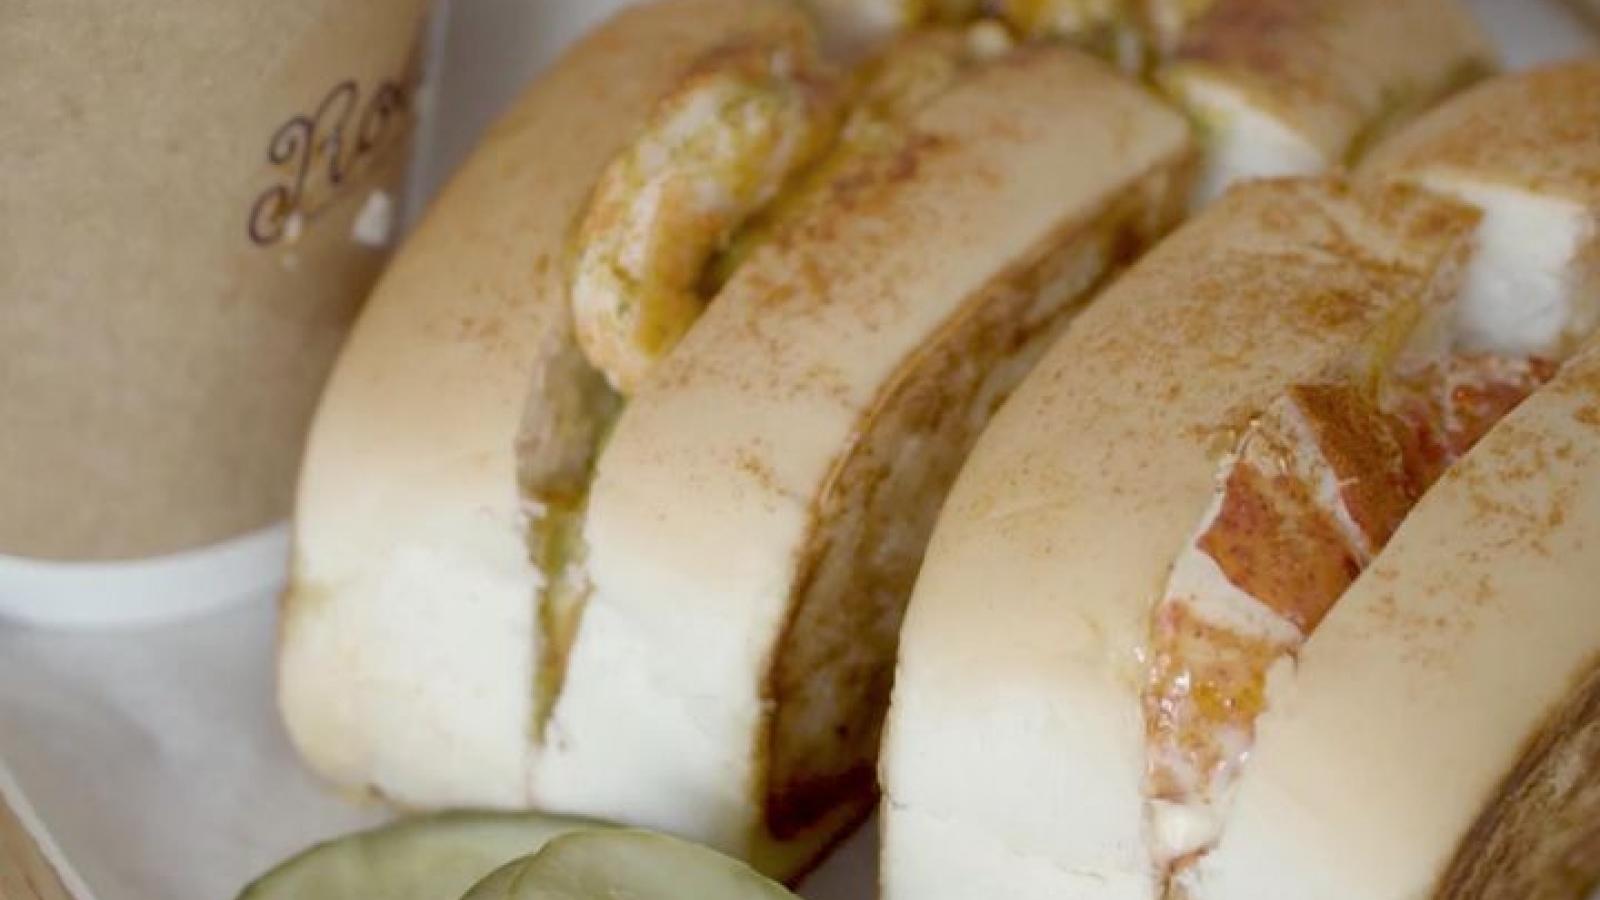 Video: Bánh kẹp tôm hùm Canada lạ miệng, bán gần trăm chiếc mỗi ngày